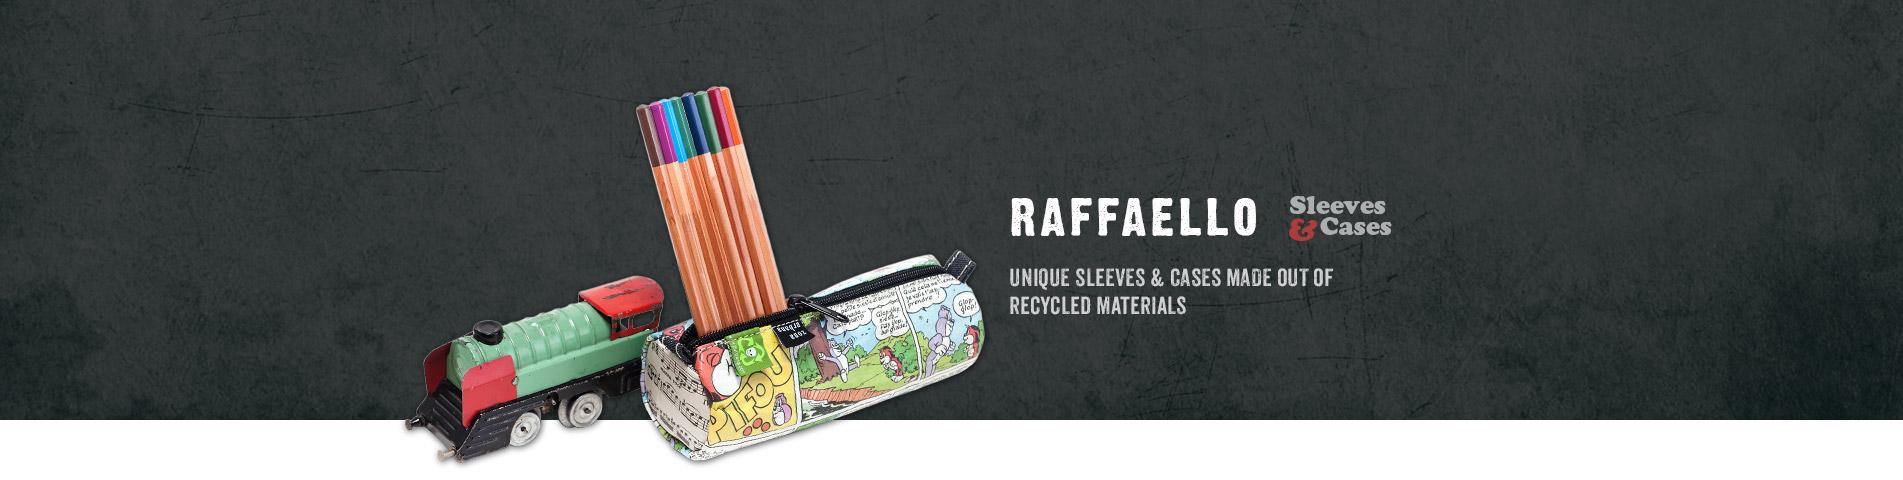 Raffaello Cases